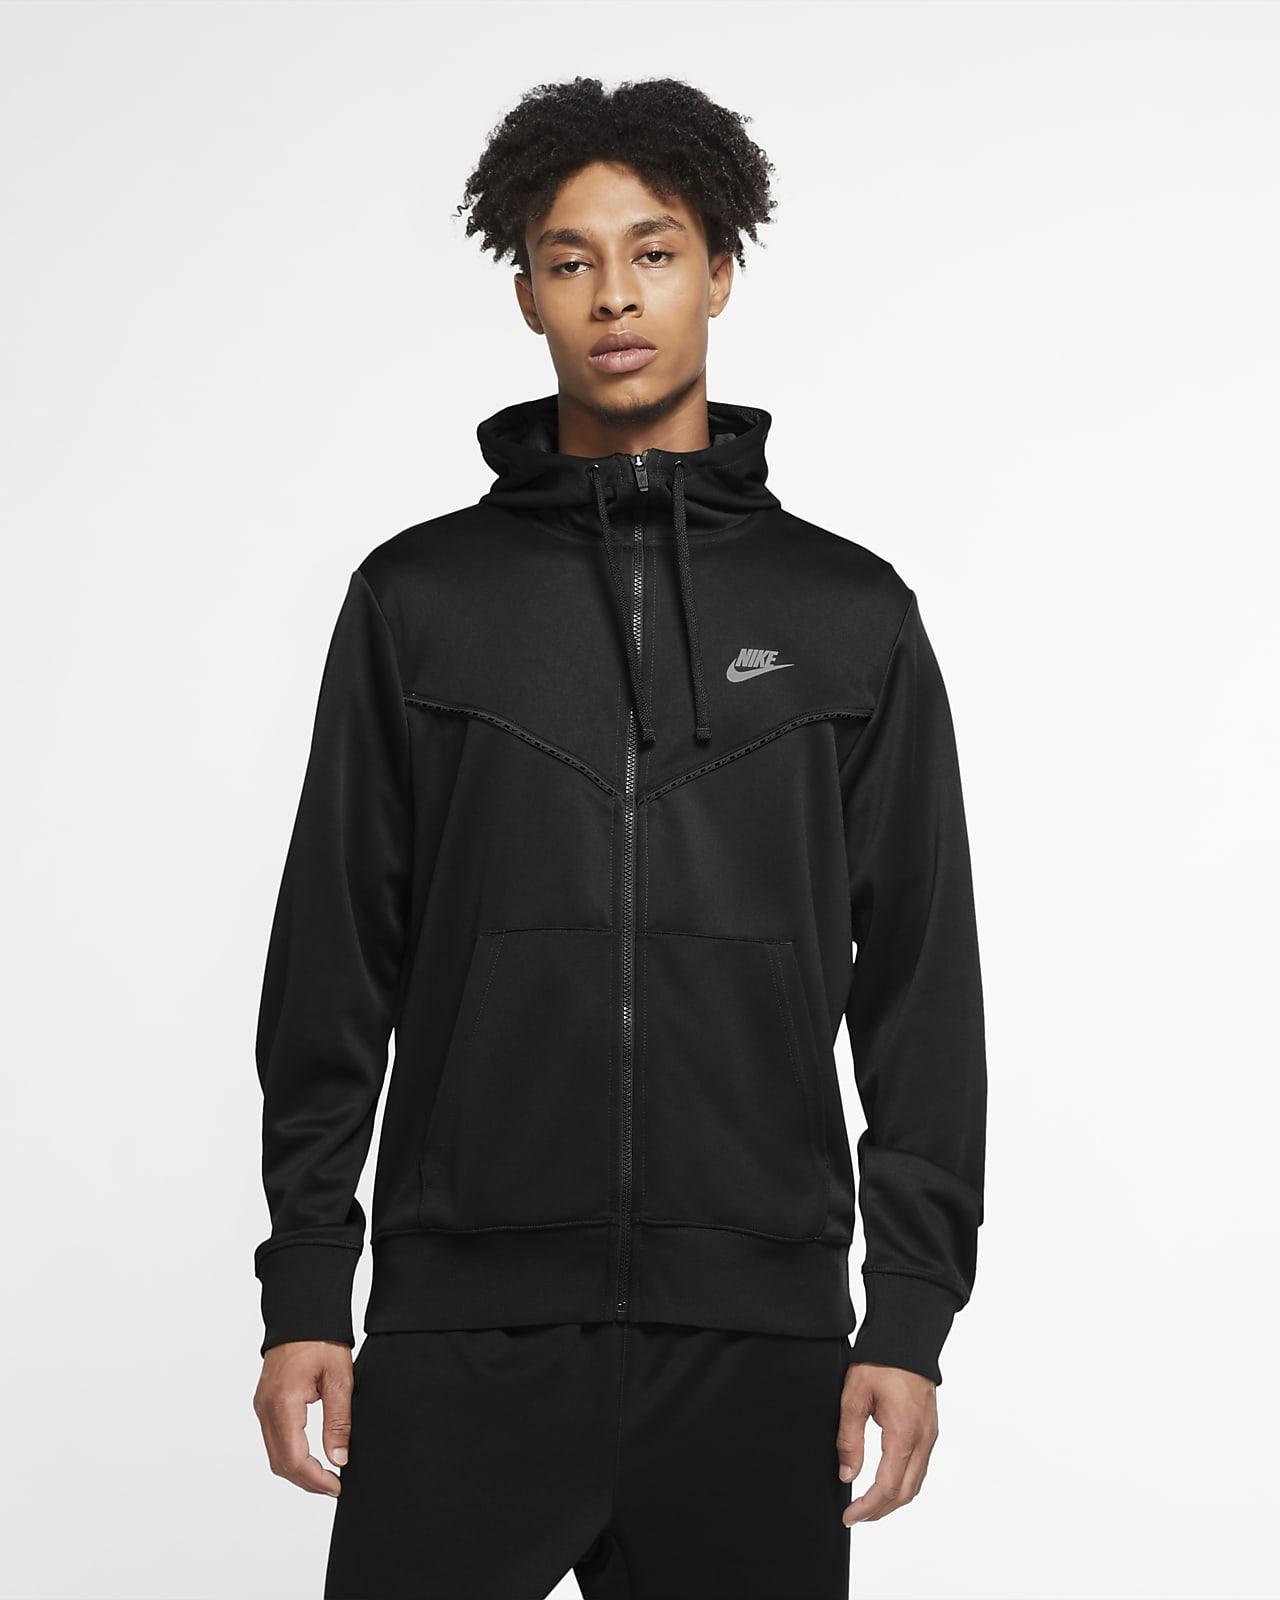 Ανδρική μπλούζα με κουκούλα και φερμουάρ Nike Sportswear